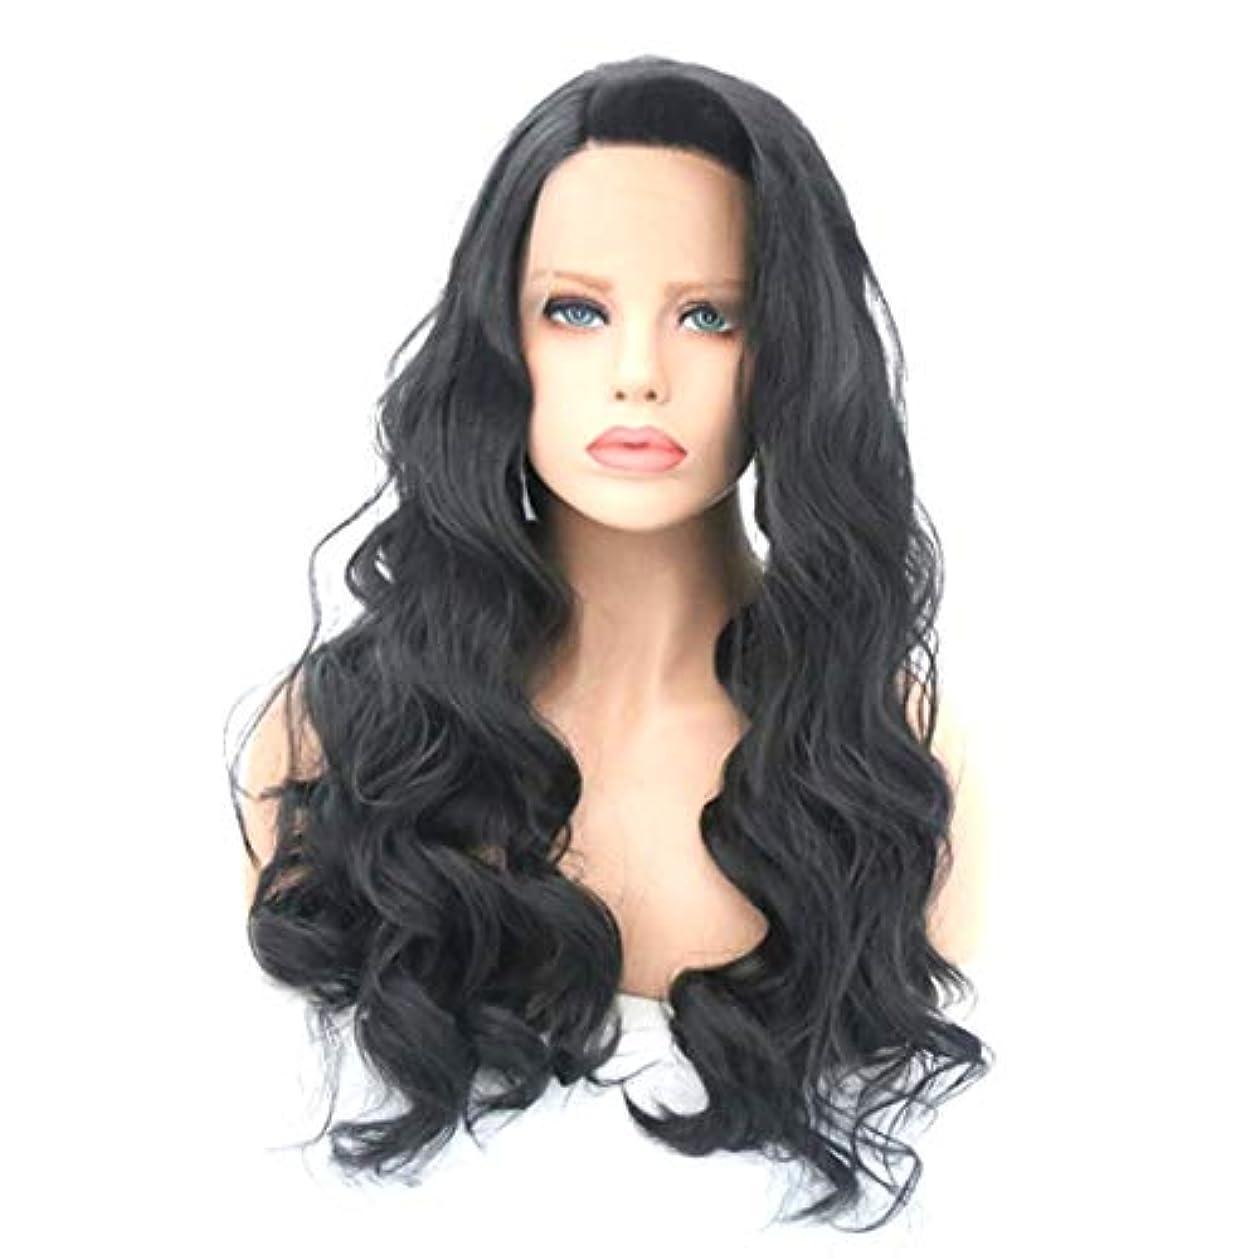 注入する鳴らすなぜならKerwinner かつら女性のための大きな波状の巻き毛の耐熱性長い巻き毛のかつら (Size : 16 inches)